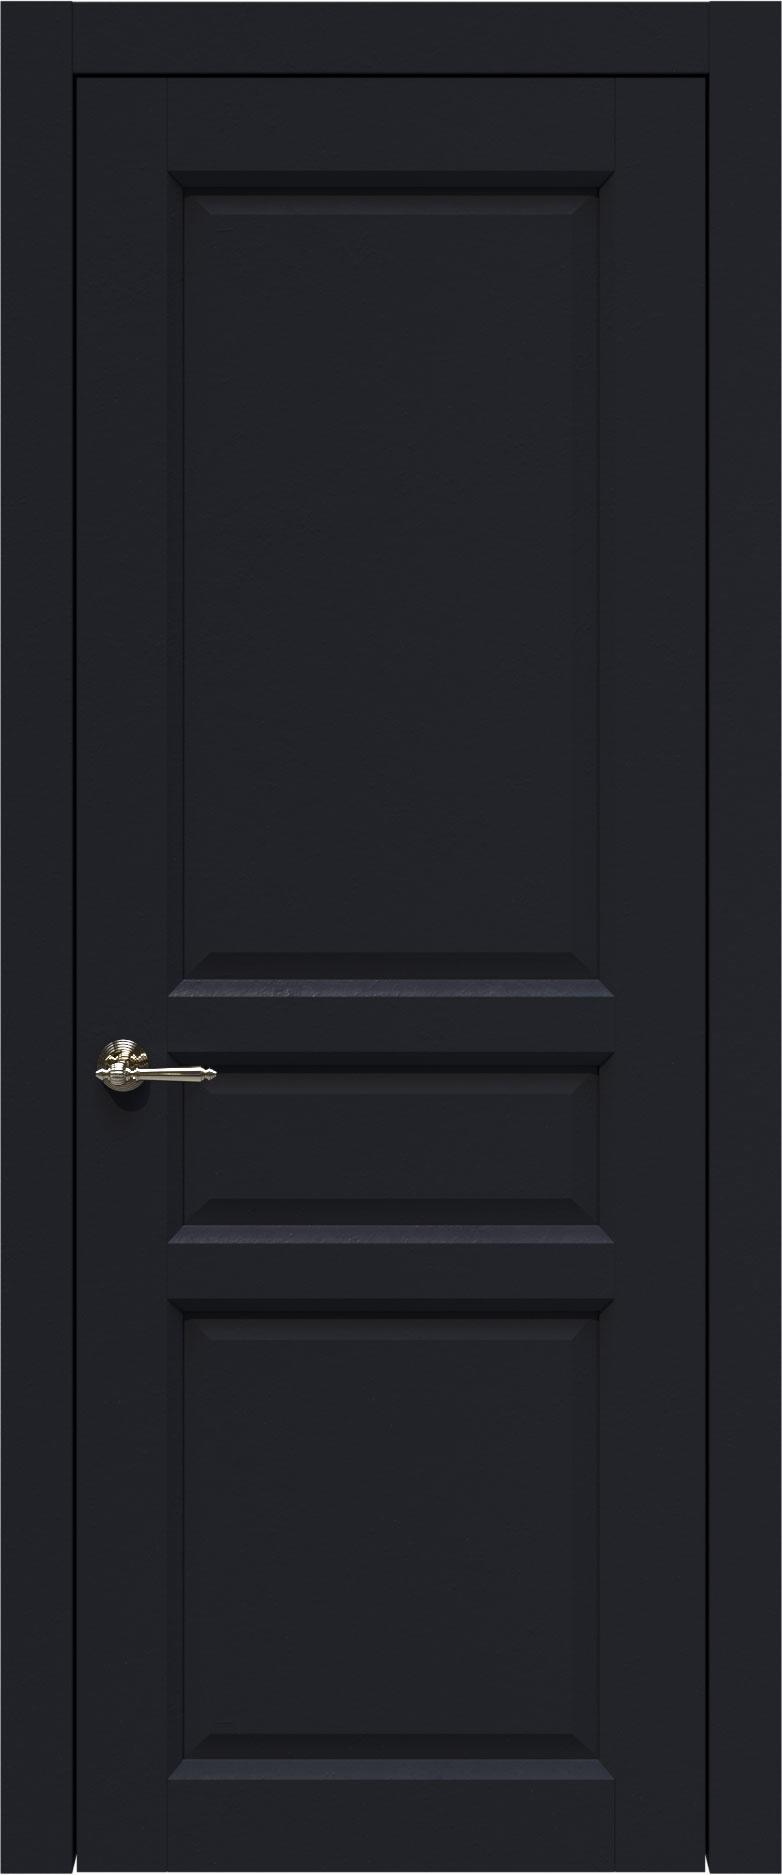 Imperia-R цвет - Черная эмаль (RAL 9004) Без стекла (ДГ)